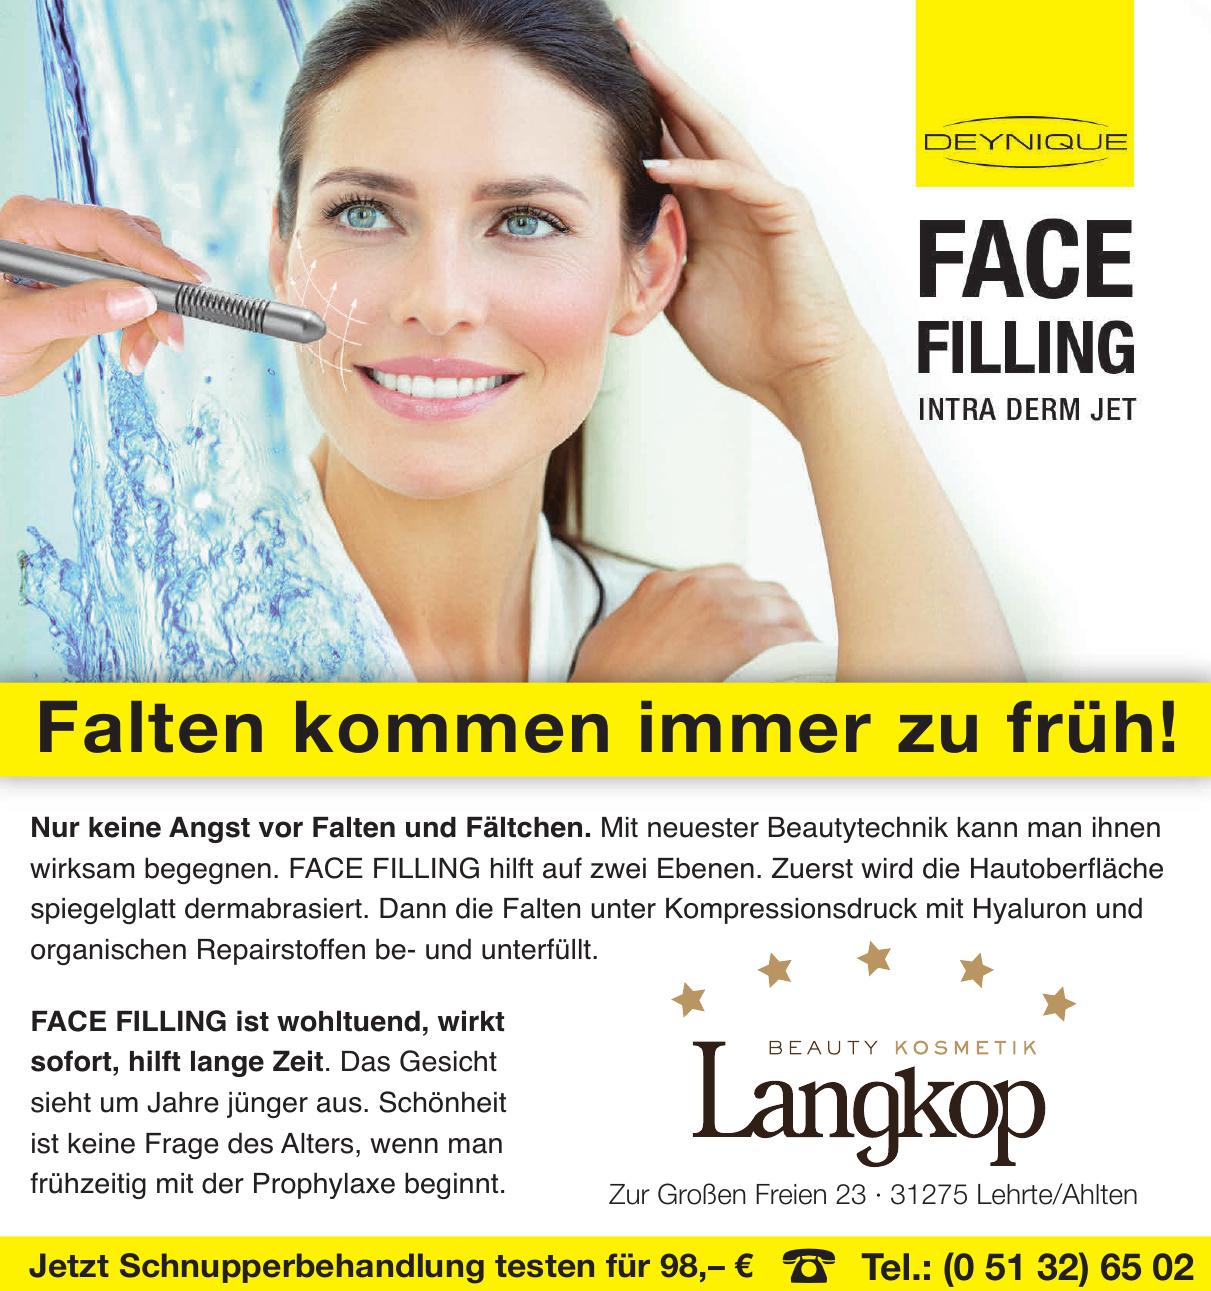 Beauty Kosmetik Langkop